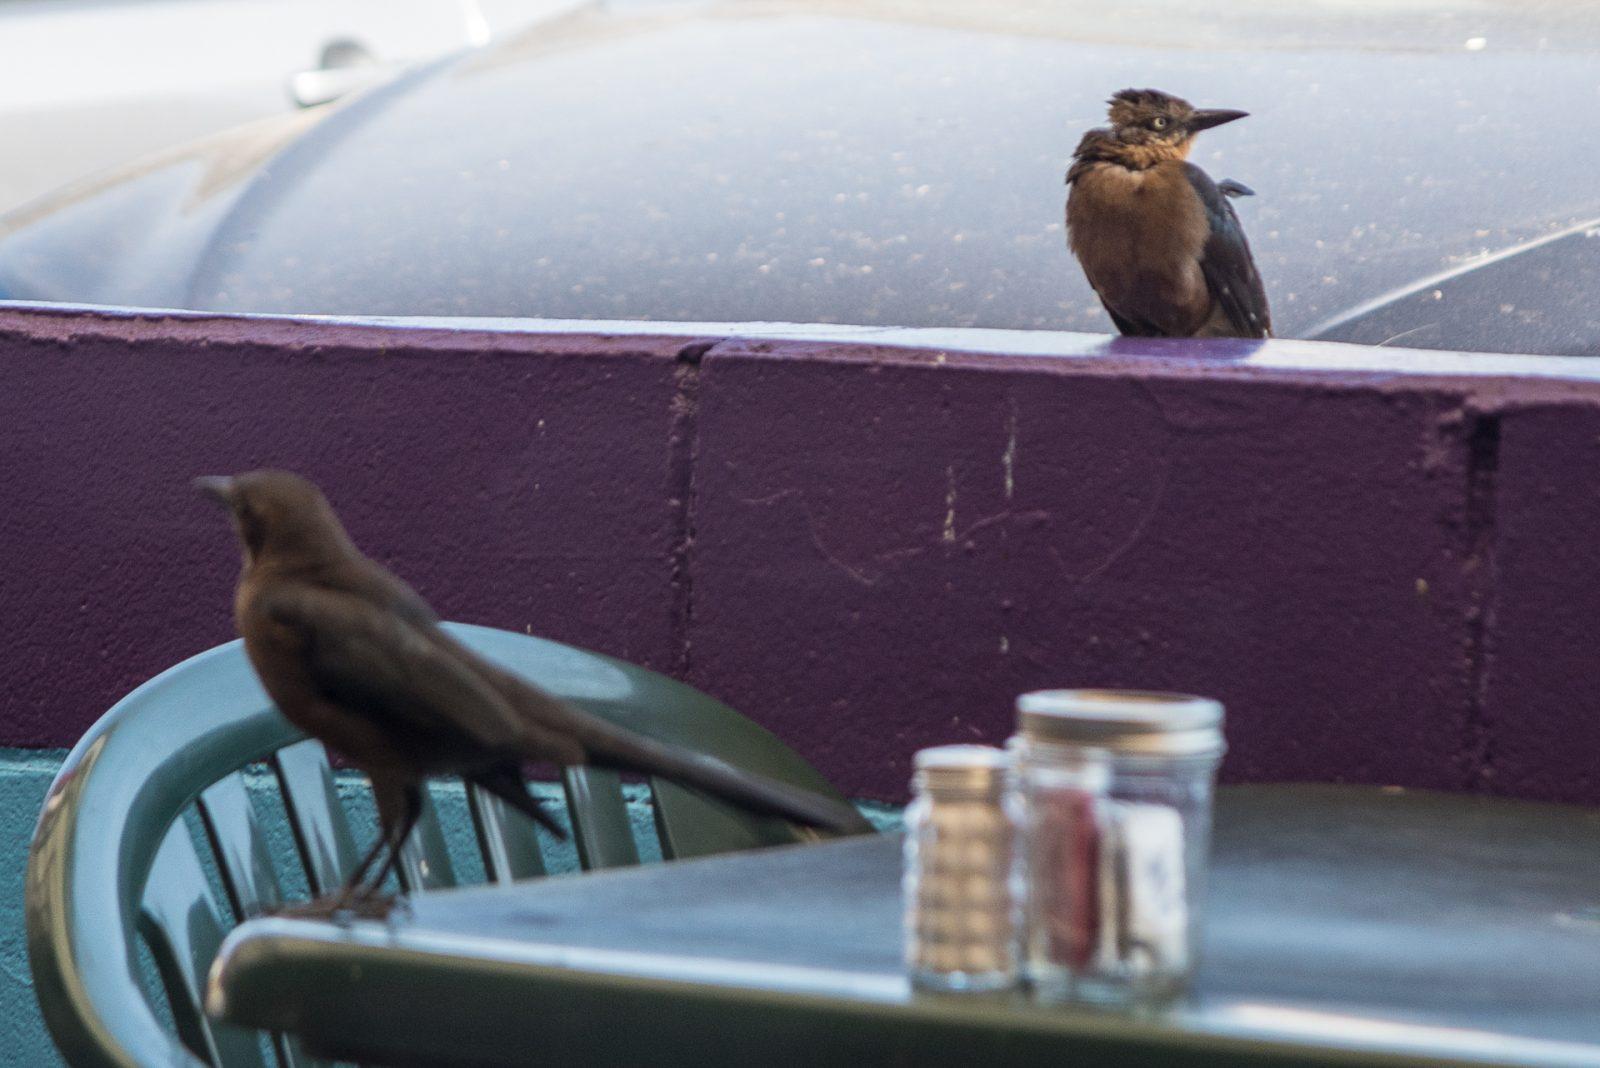 Bird Lunch